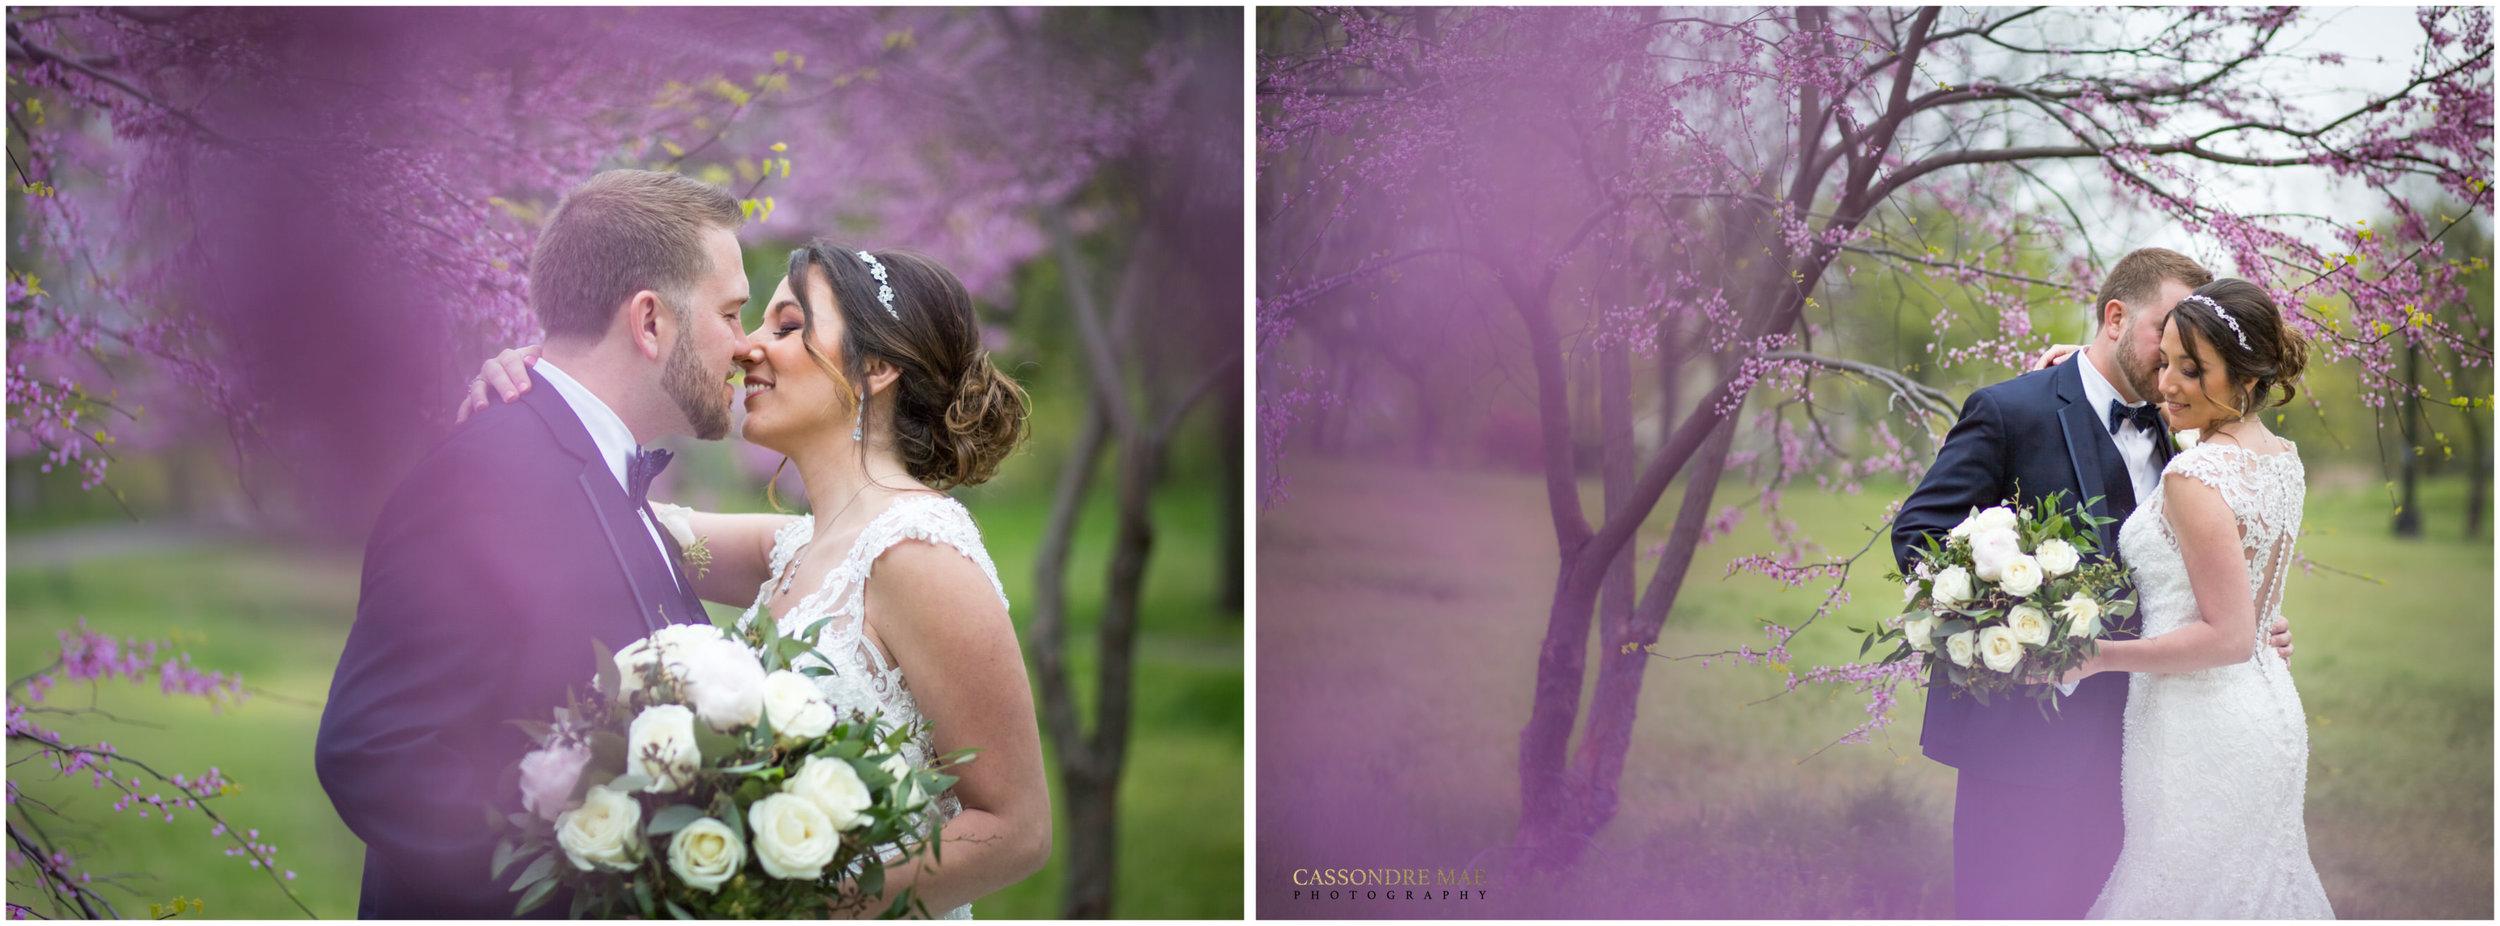 Cassondre Mae Photography Marina Del Ray Weddings 31.jpg